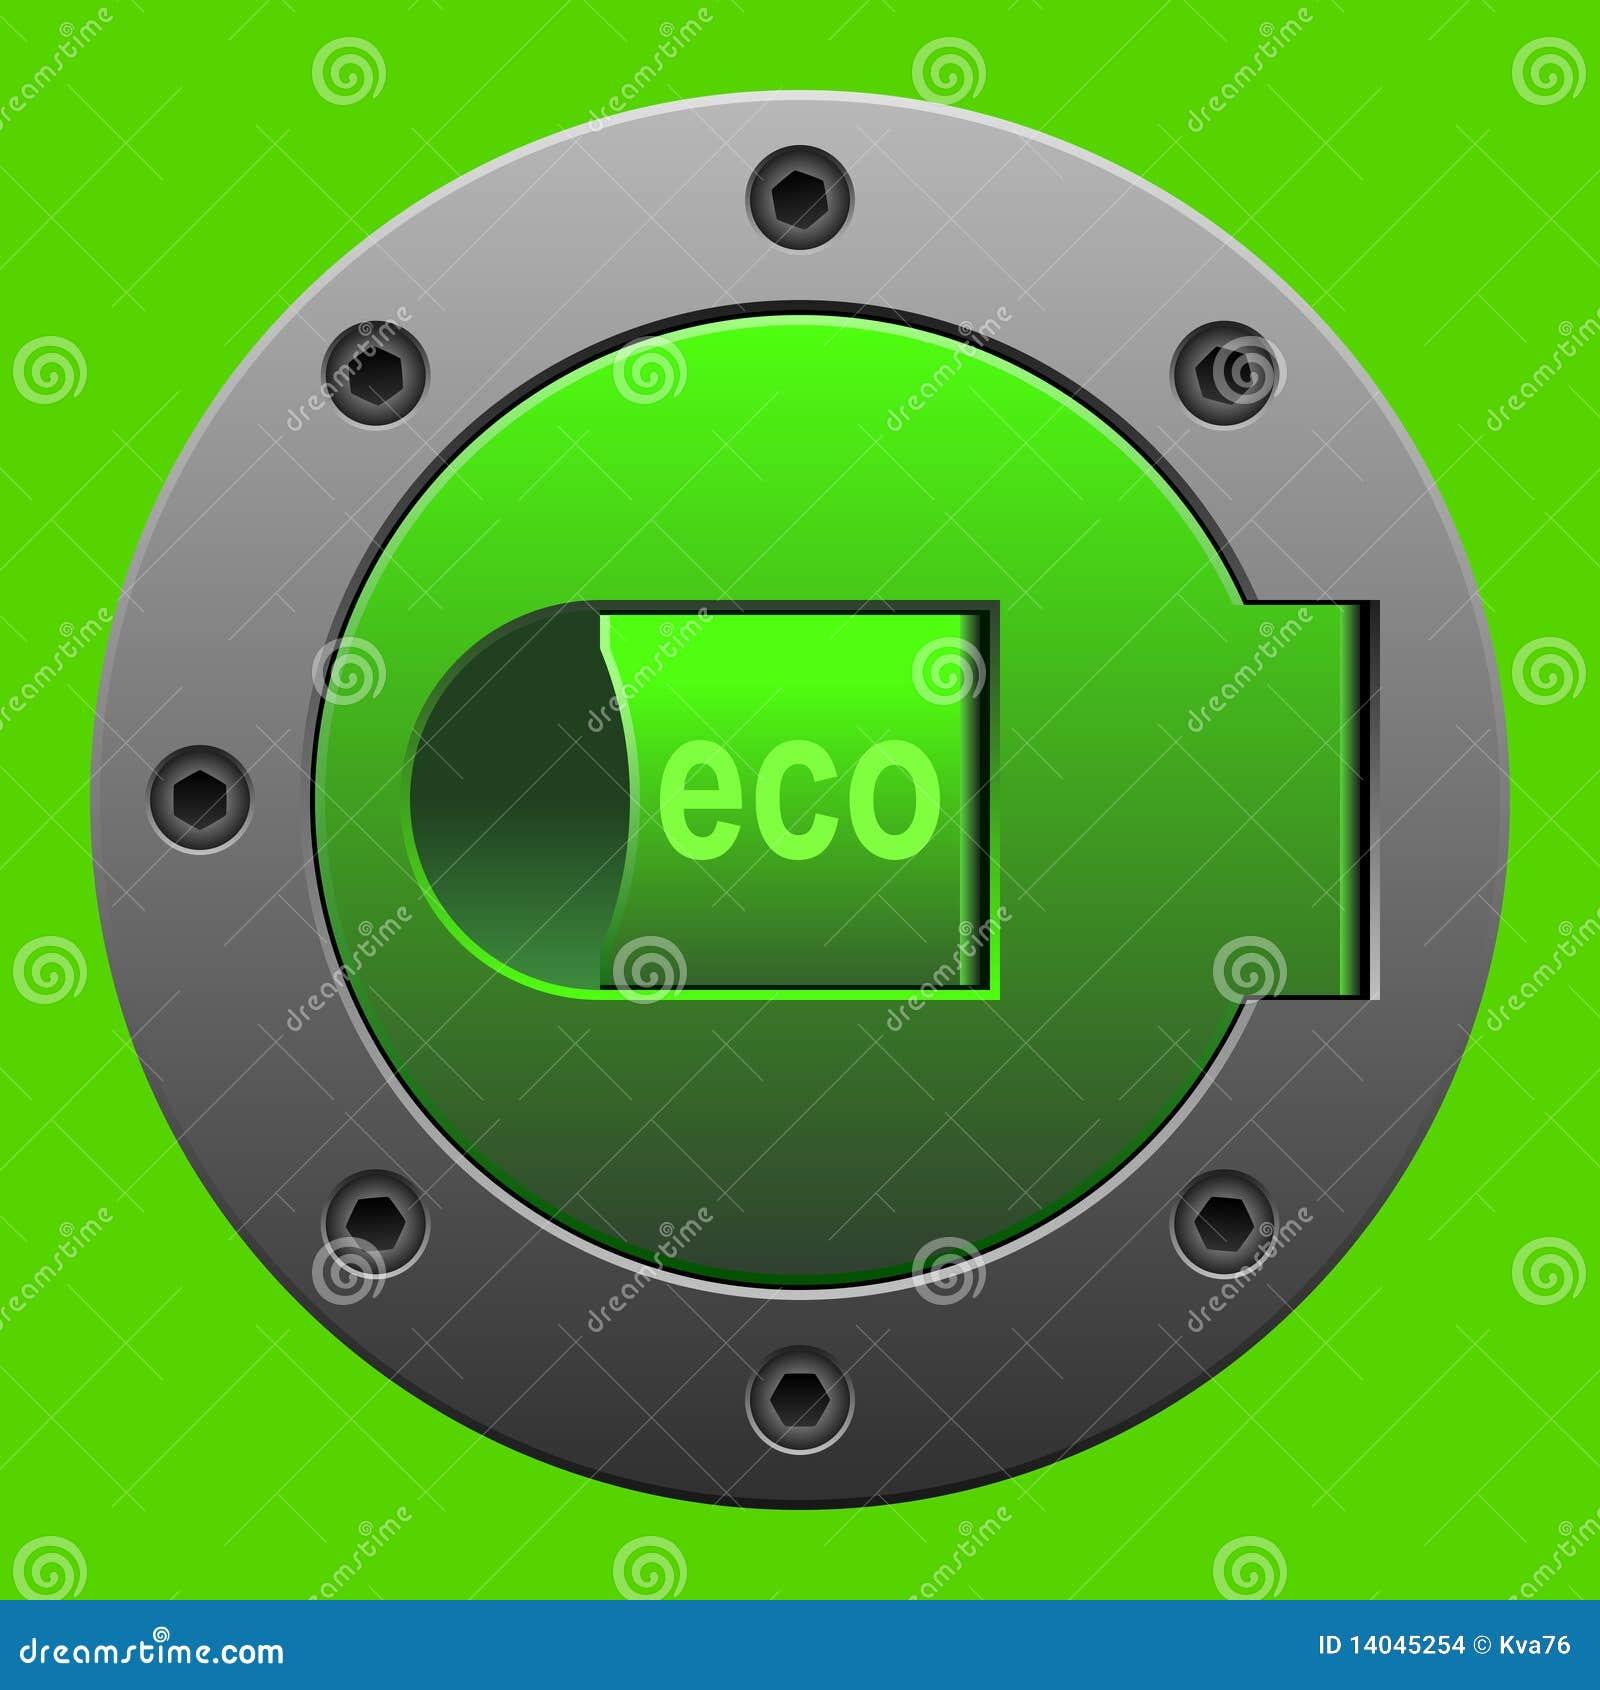 eco fuel stock images image 14045254. Black Bedroom Furniture Sets. Home Design Ideas